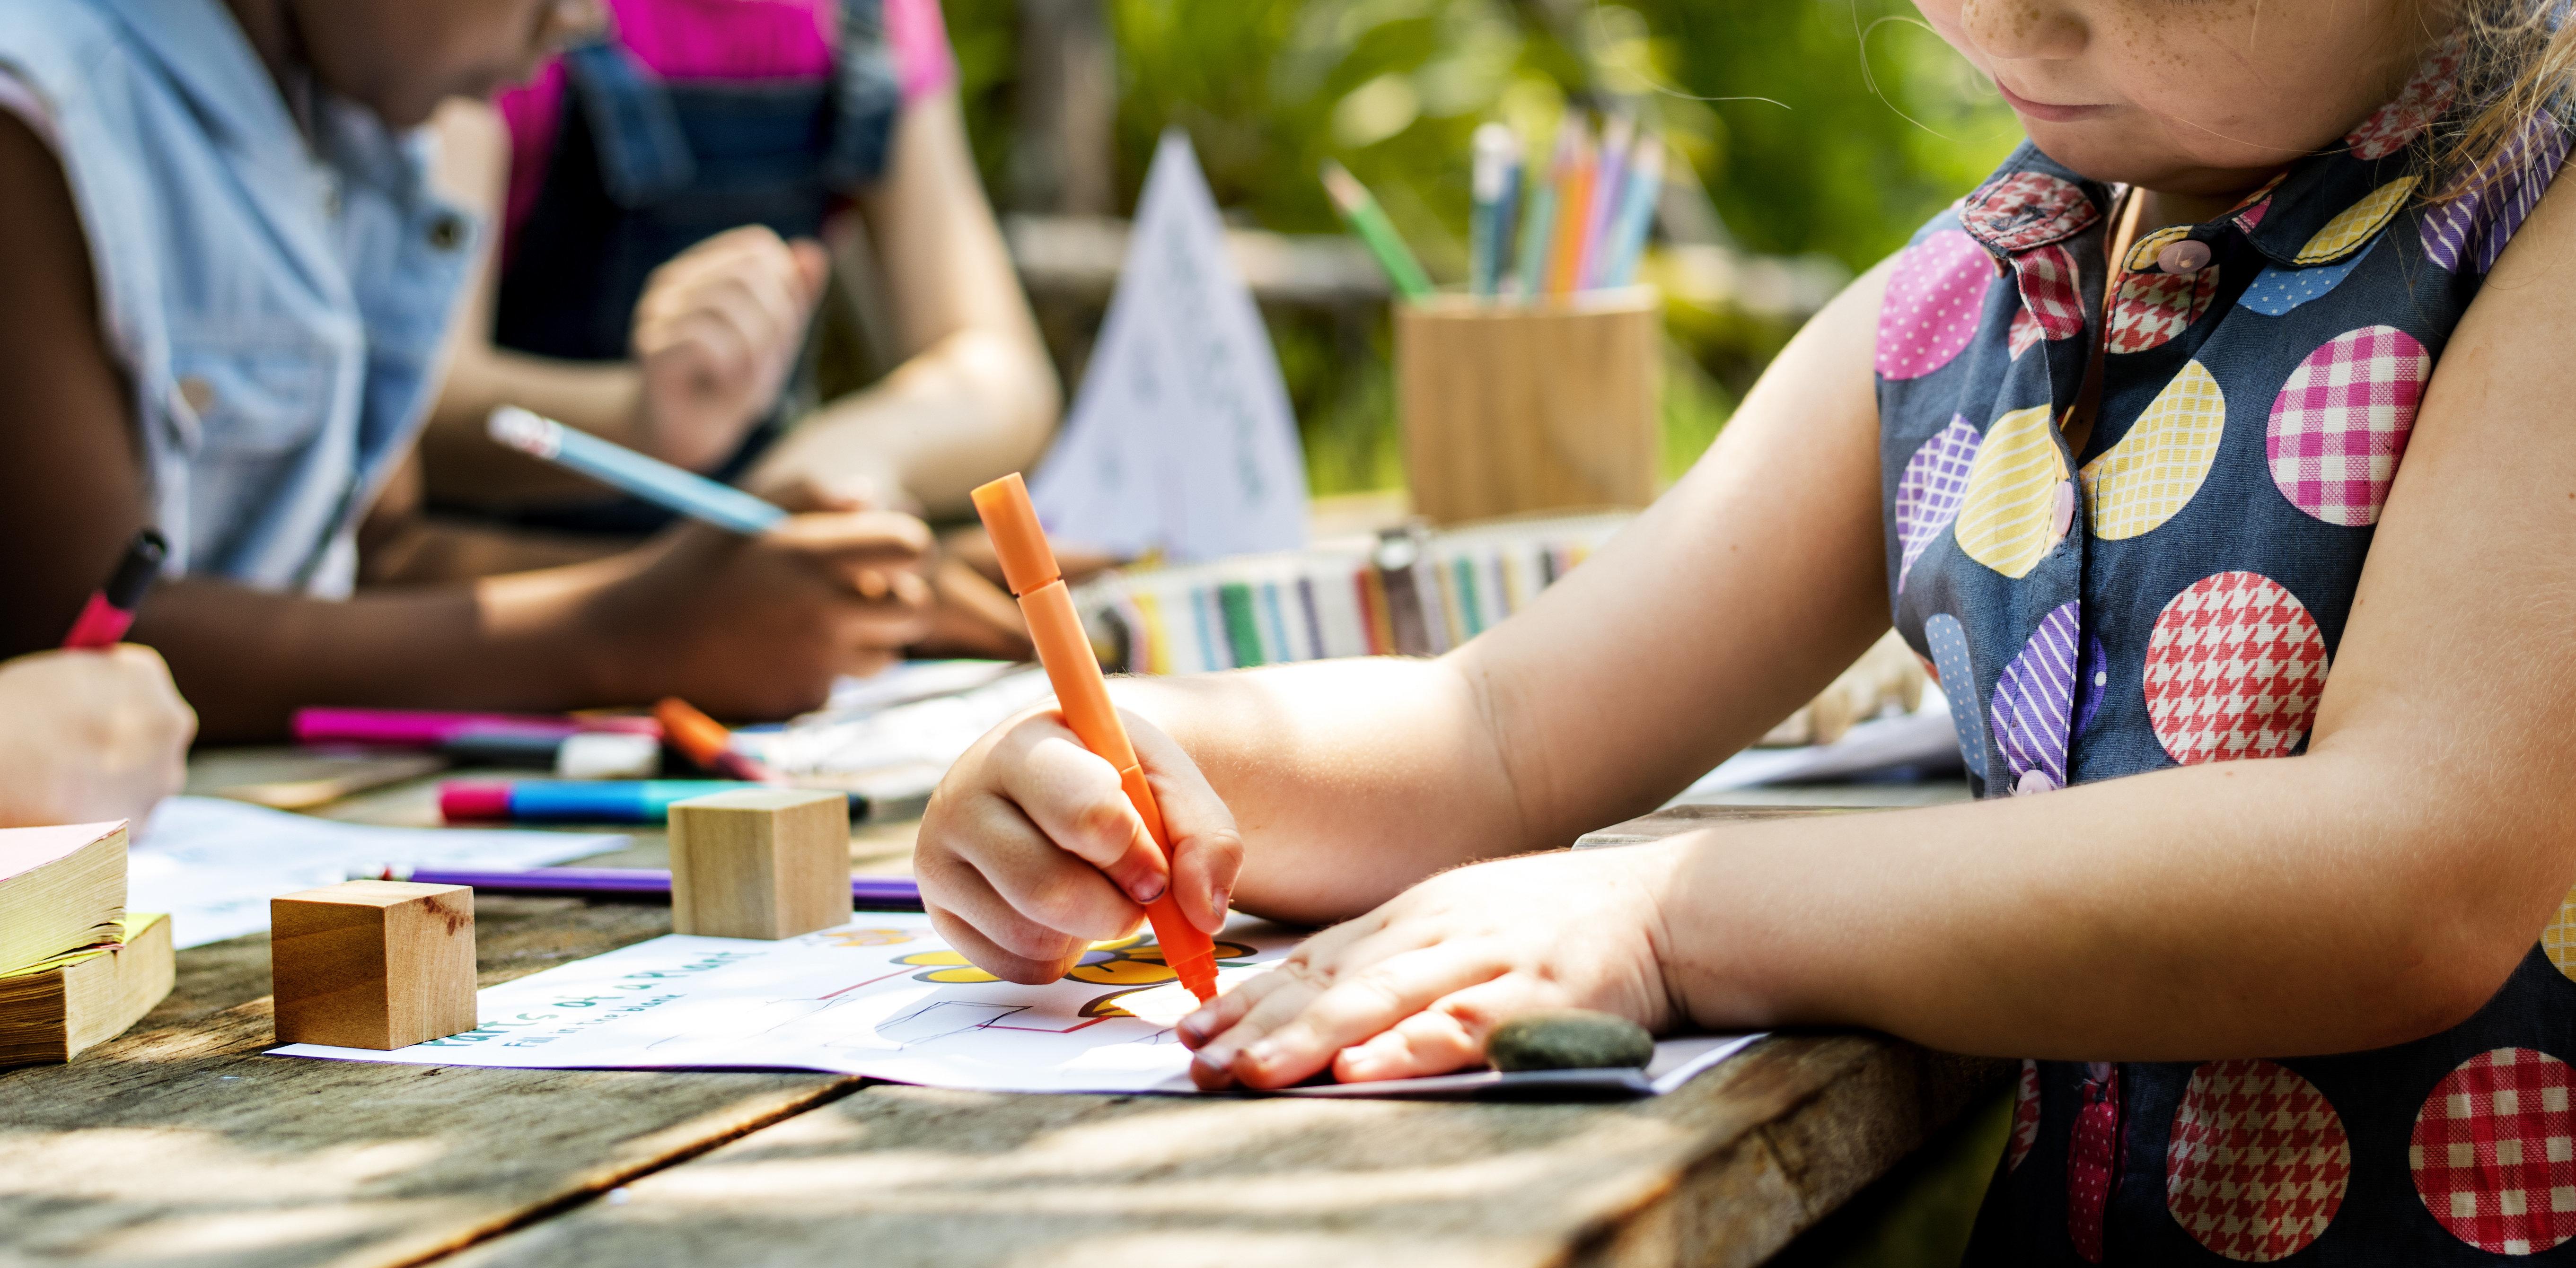 Comment les jardins d'enfants sont devenus un business? Nabiha Kamoun Tlili évoque les zones d'ombre...